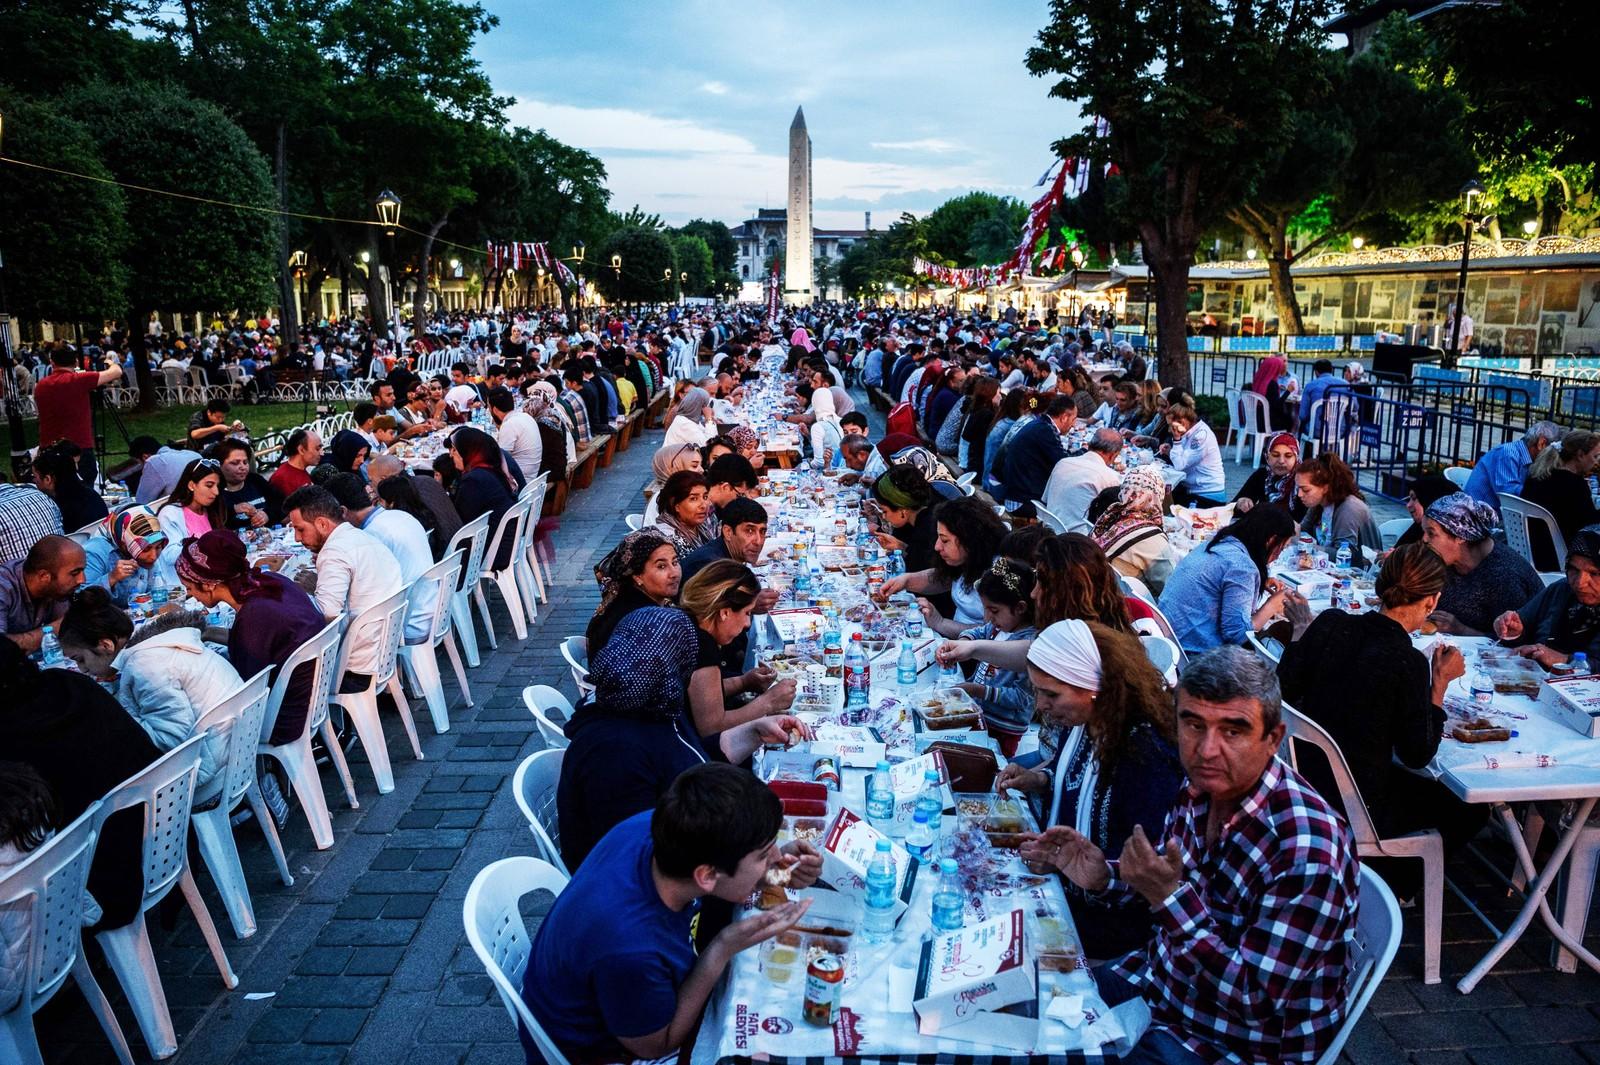 ISTANBUL: Tusenvis av tyrkere spiser et kveldsmåltid etter solnedgang på plassen foran Den blå moske i Istanbul ved innledning til årets ramadan.